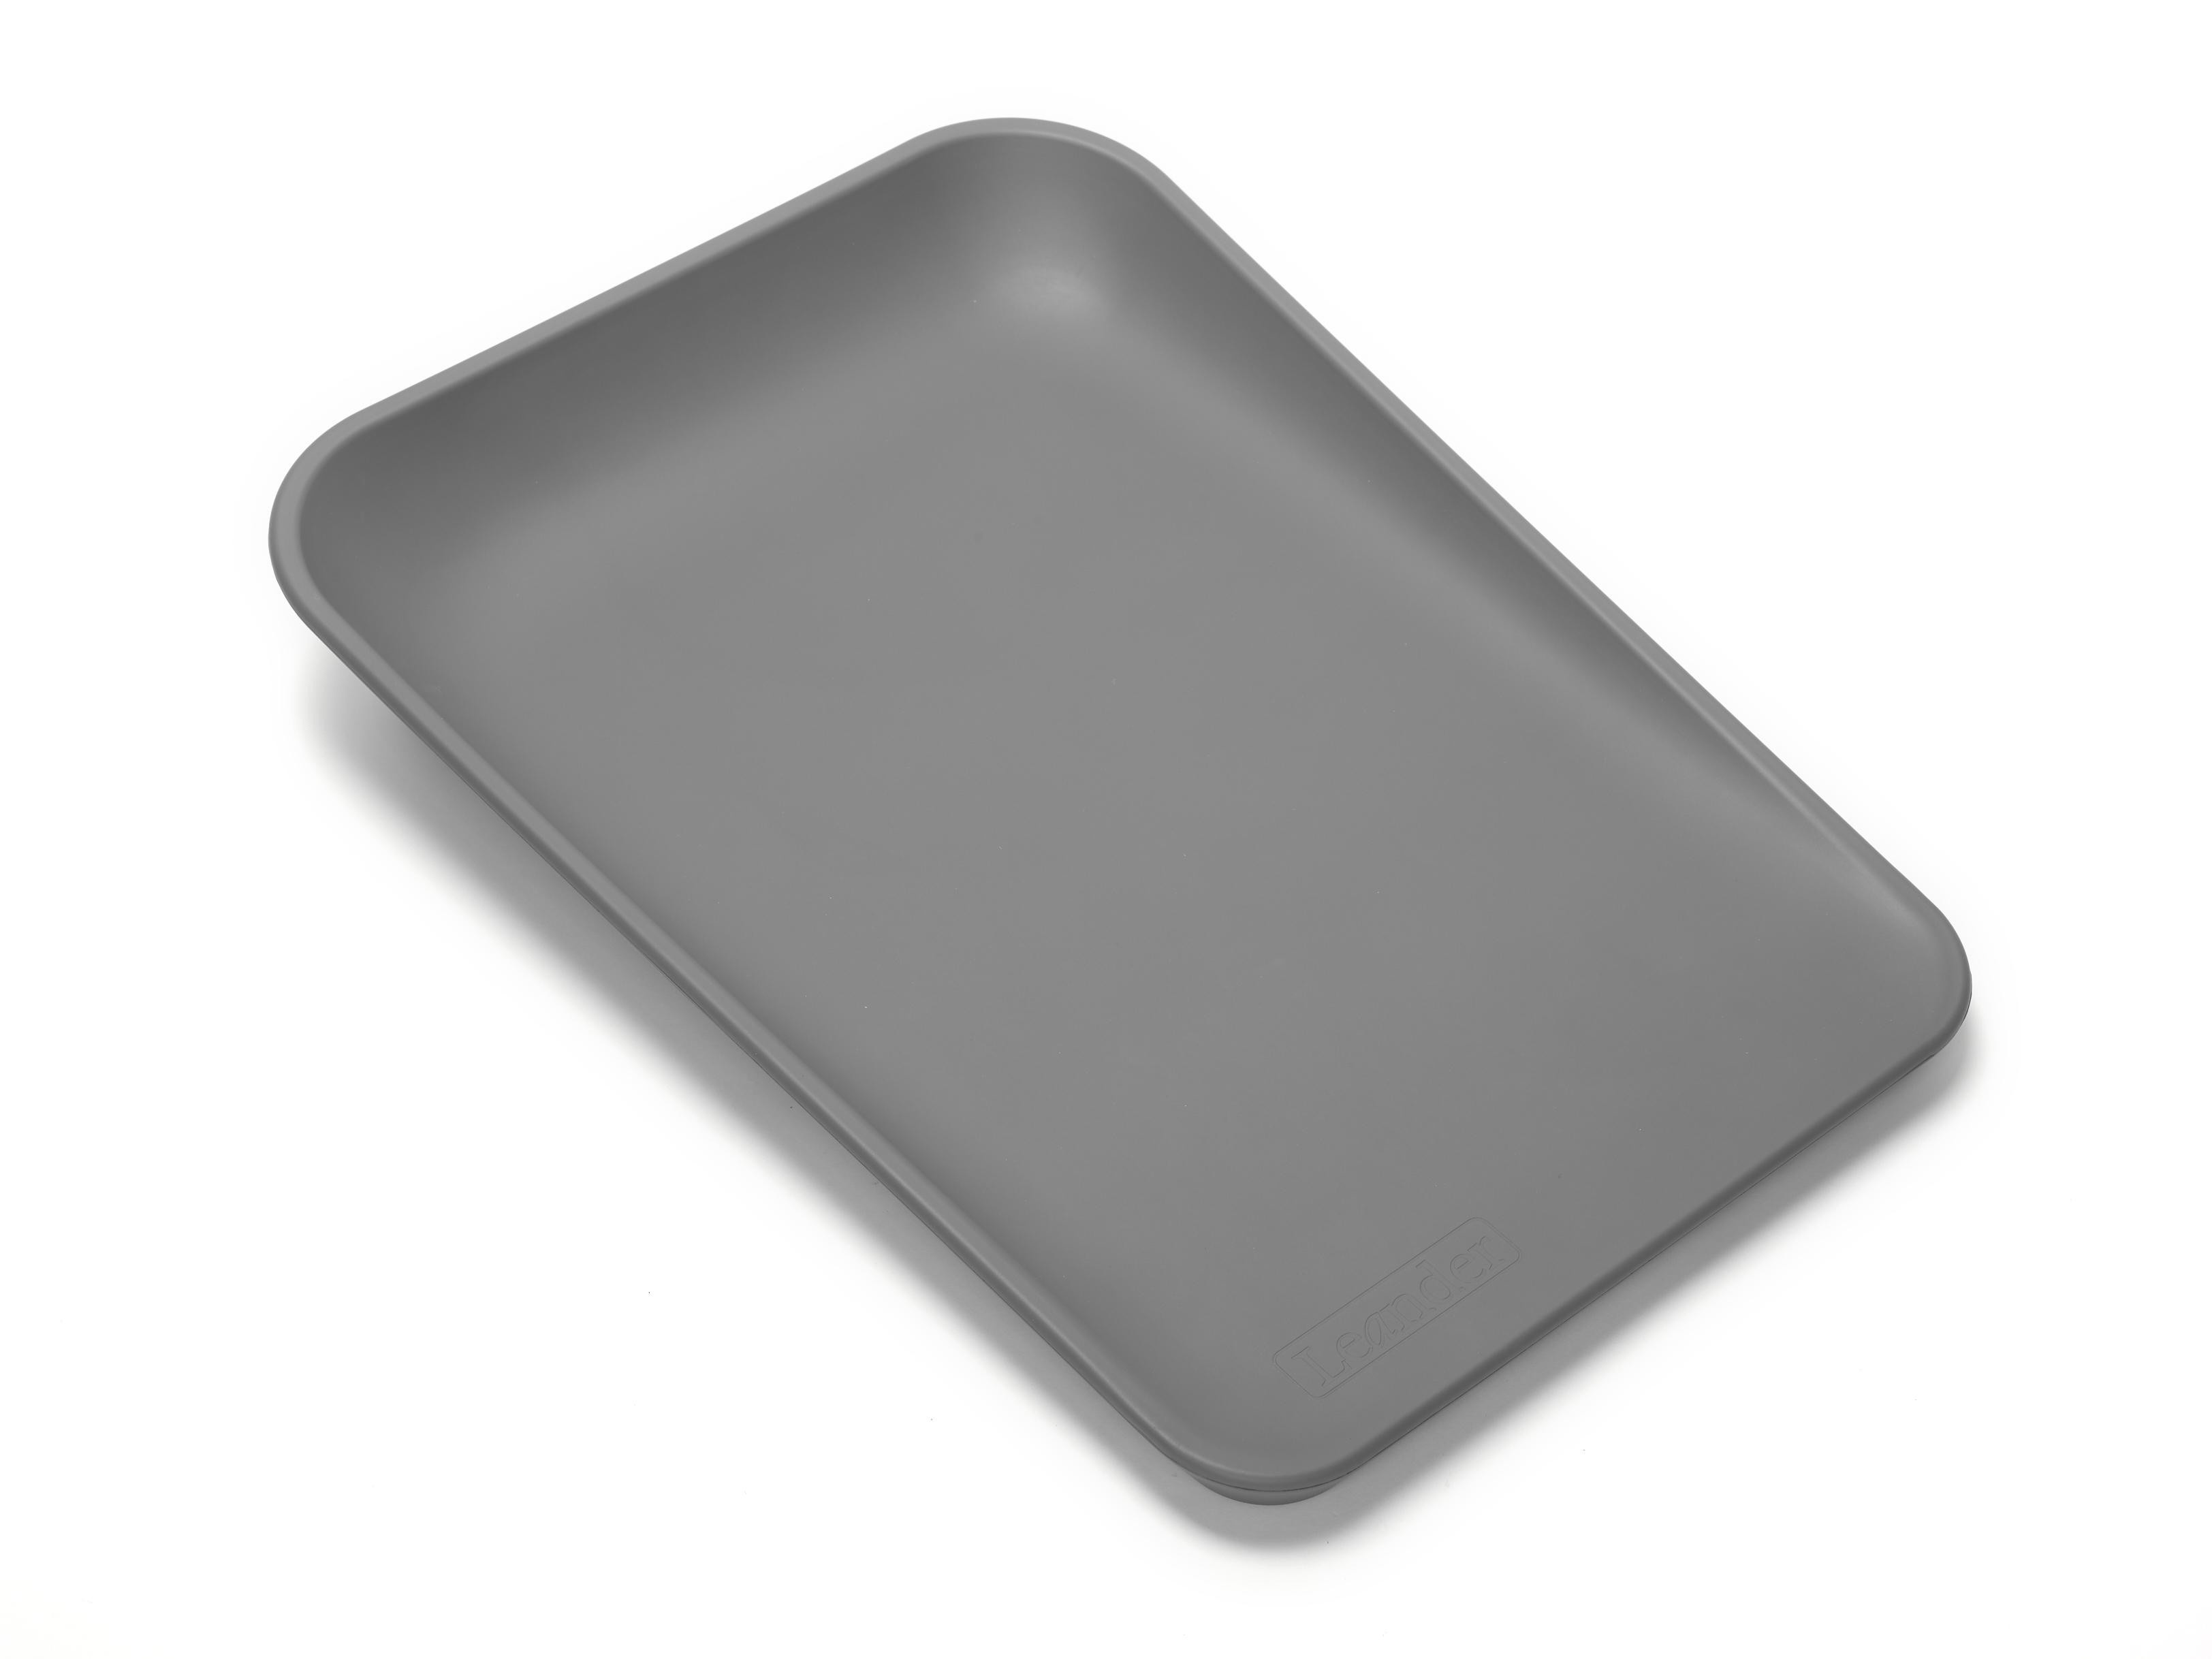 Leander matty puslepude - dusty grey, 2 stk. på lager fra Leander fra pixizoo